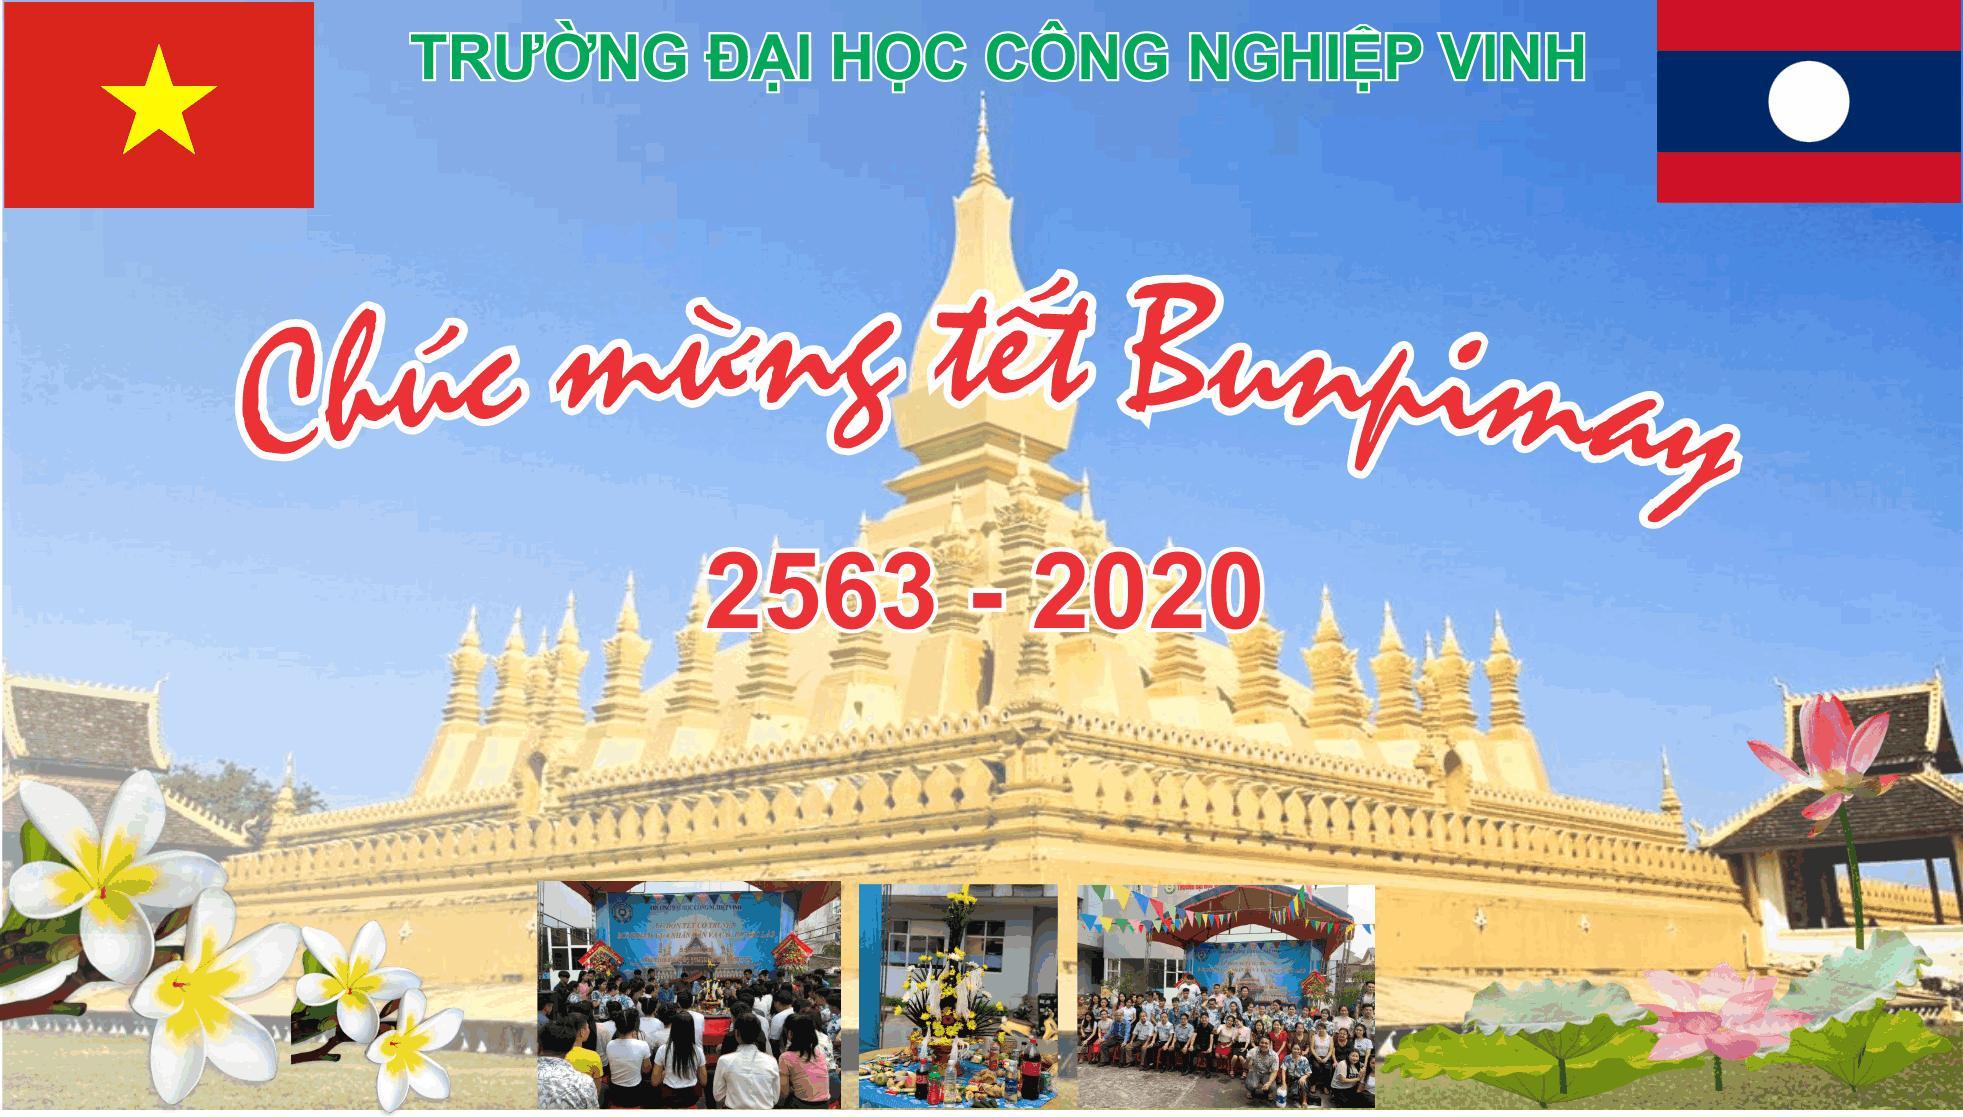 Ban Giám hiệu Trường ĐHCN Vinh gửi thư chúc Tết cổ truyền Bunpimay cho Du học sinh Lào